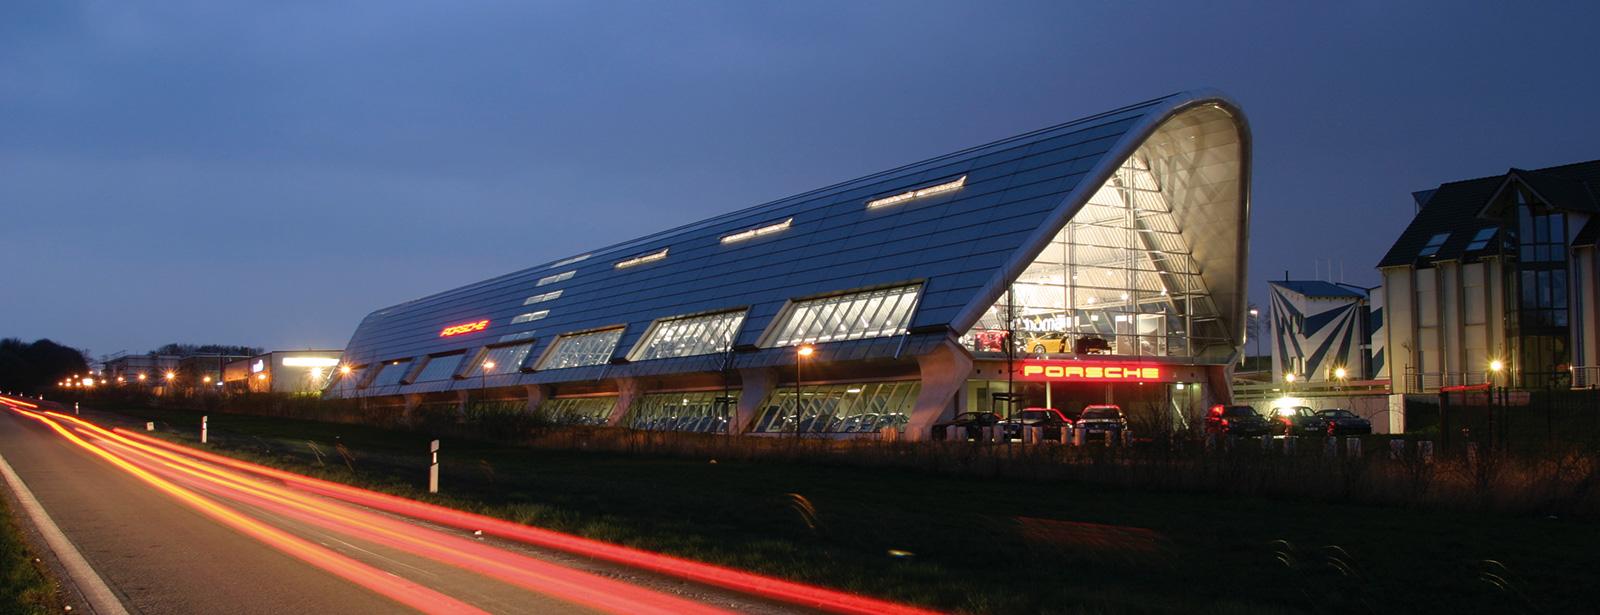 Porsche Centre Dortmund